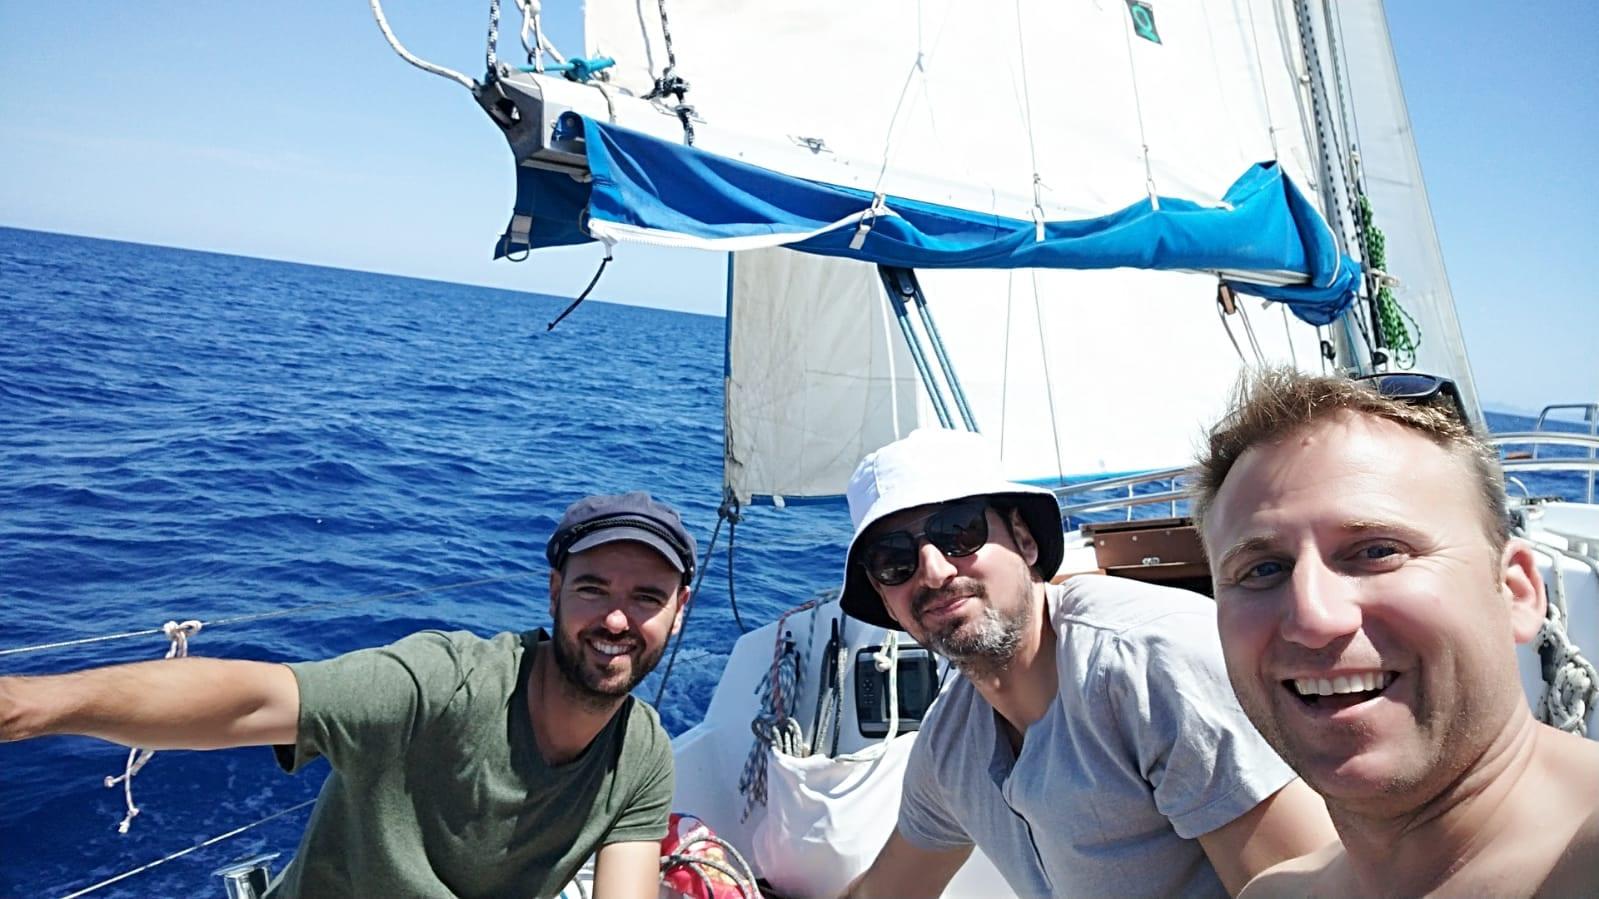 Navegando con amigos